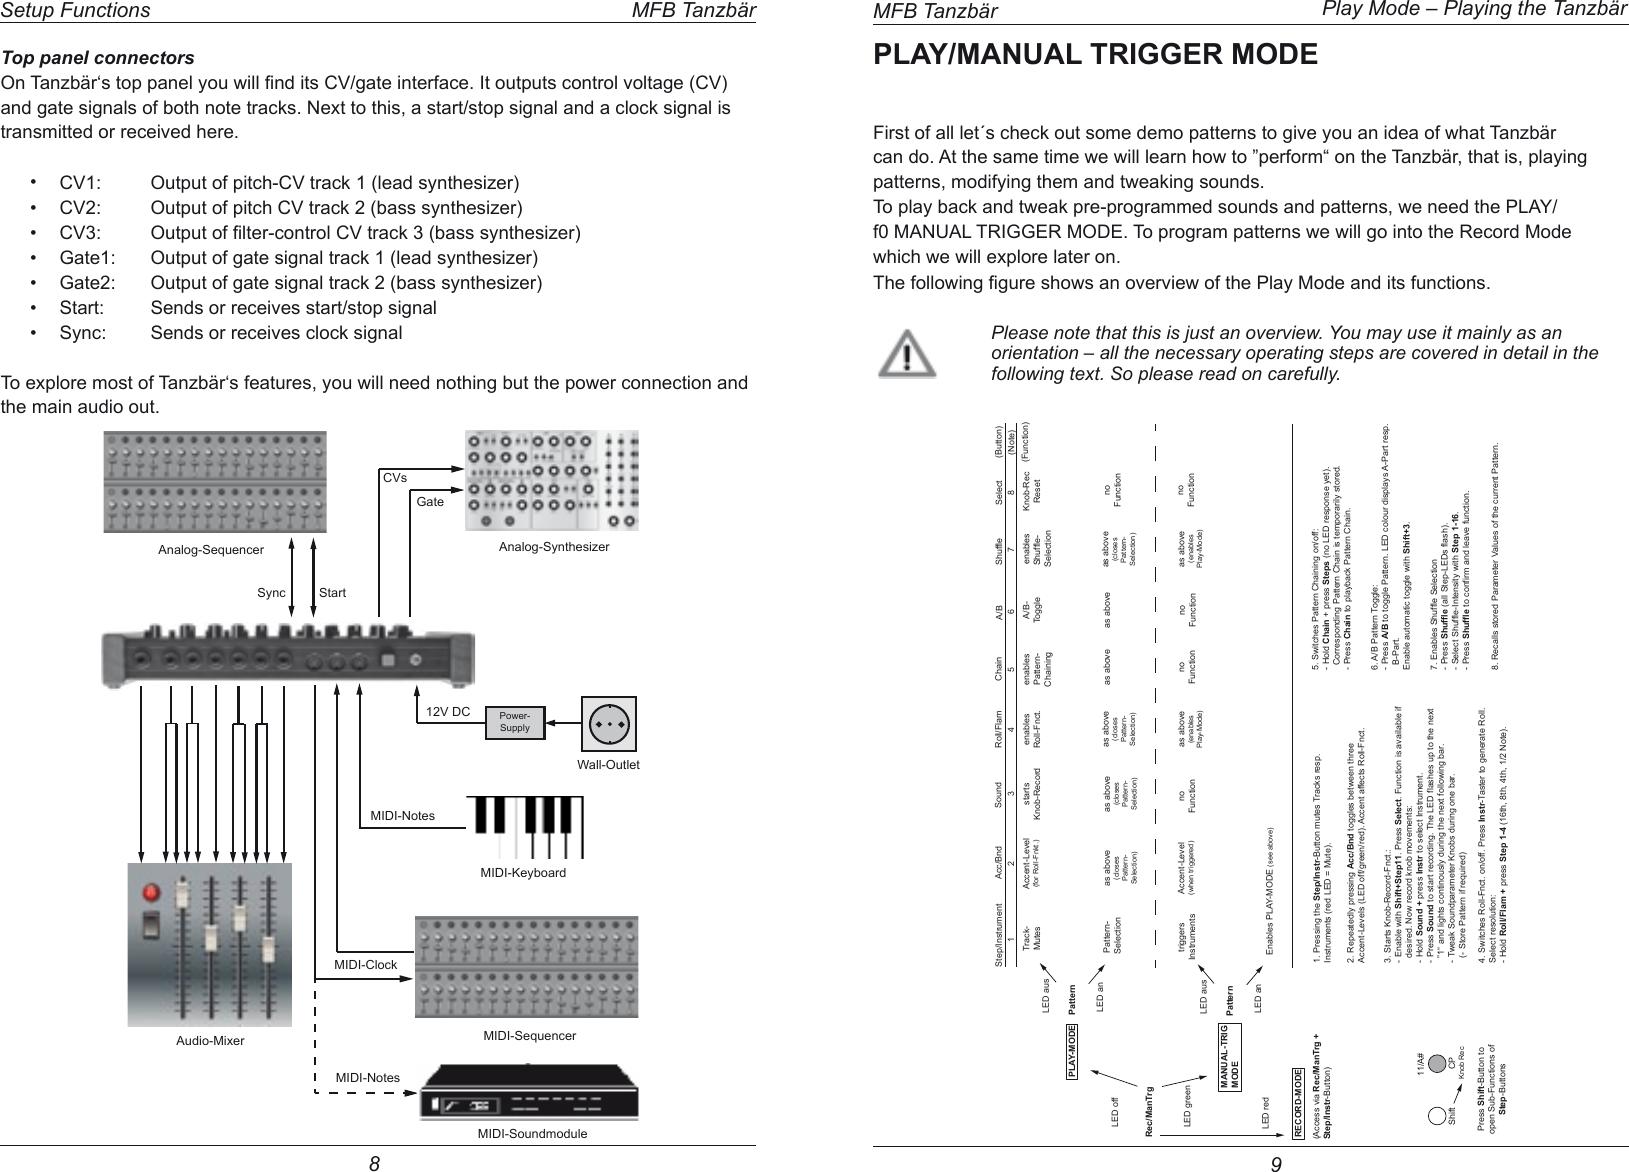 Mfb tanzbar manual